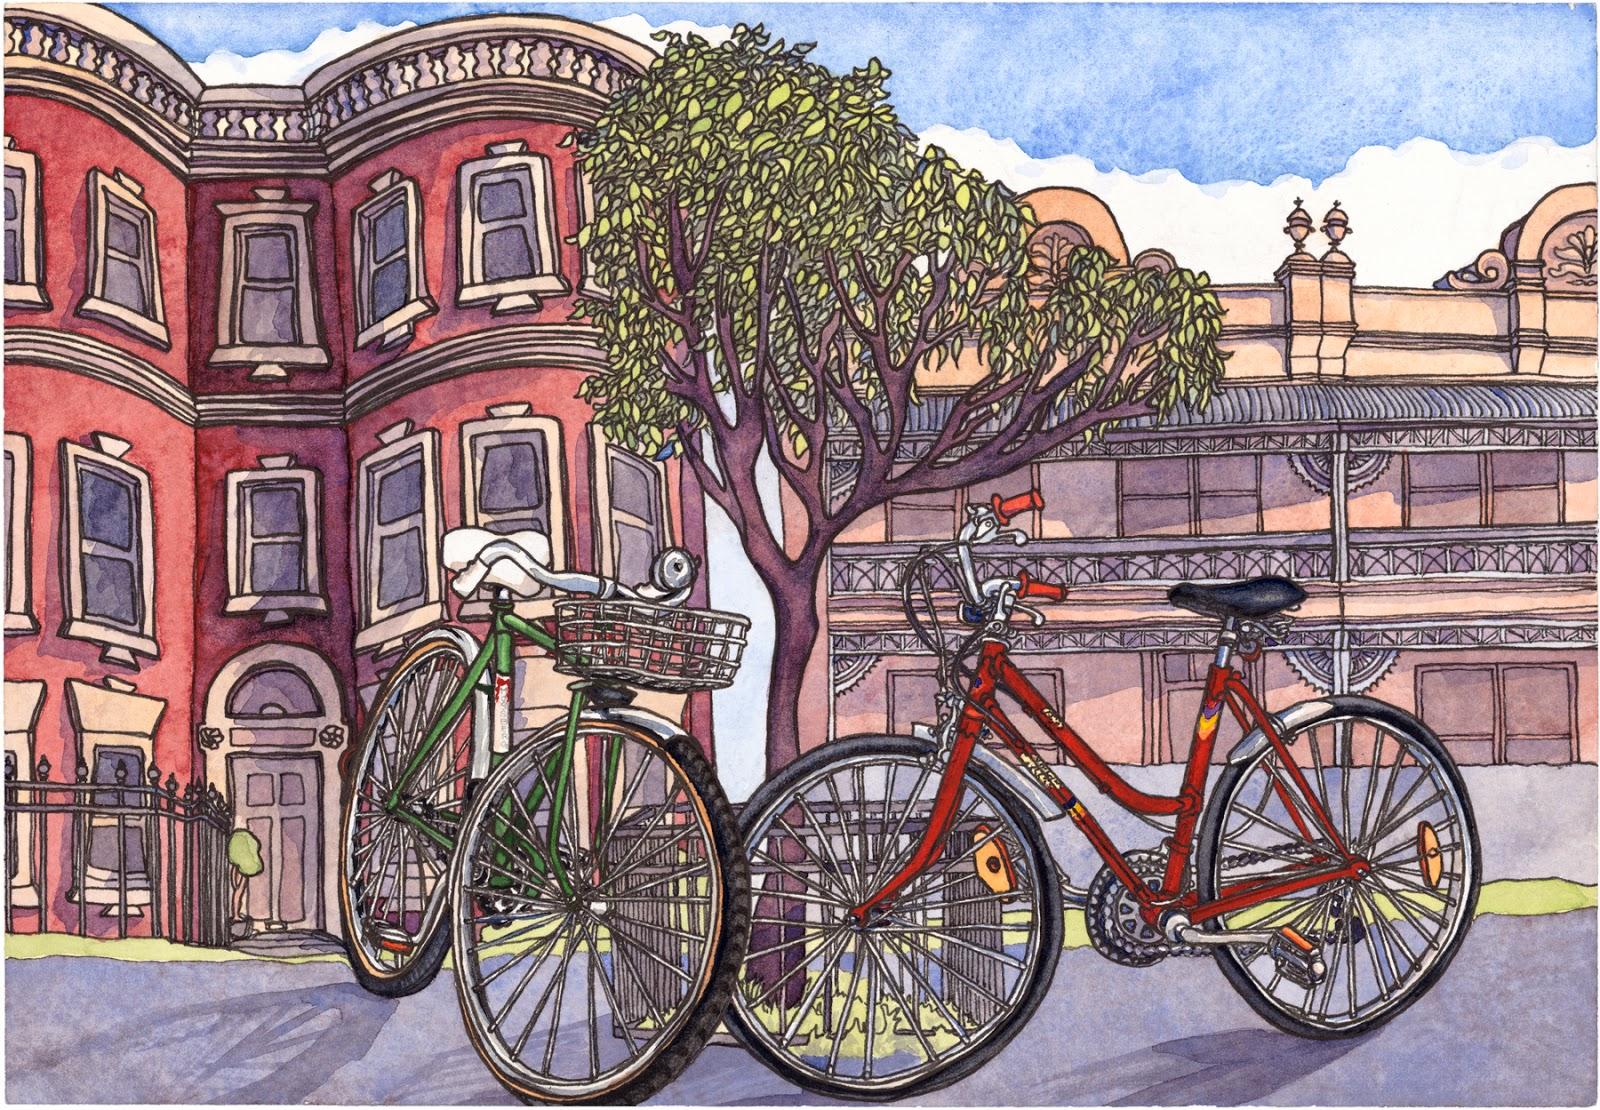 Bikes Quincy Laura Quincy Jones Art Gallery